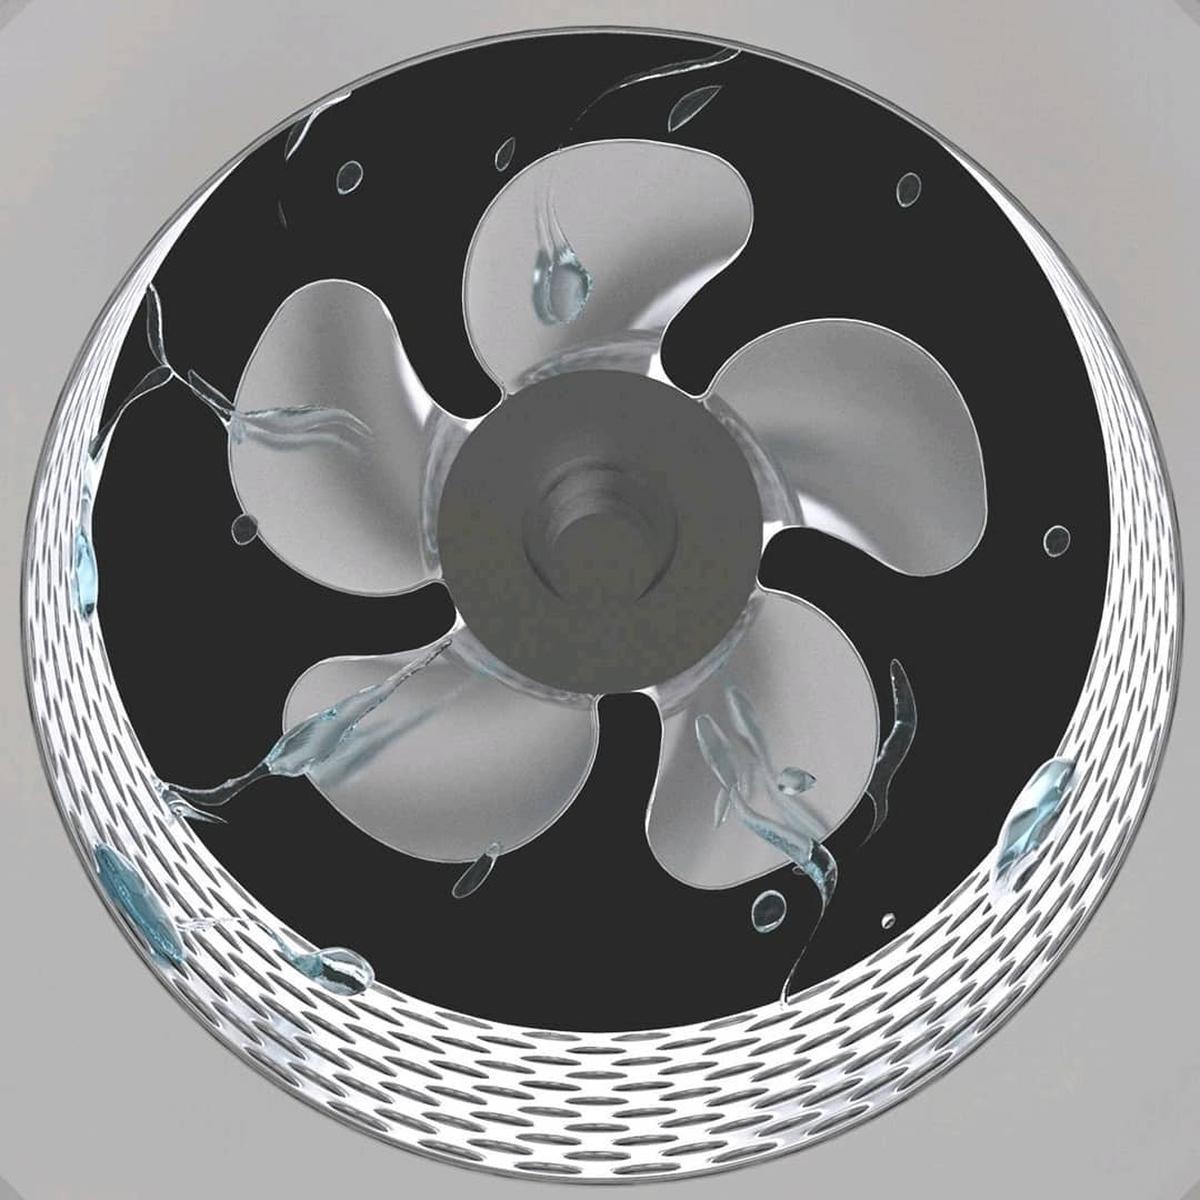 L'Eleaf Rotor est un tank sub-ohm dont la particularité est ses résistances avec des hélices. Mettez une turbine dans votre vape.